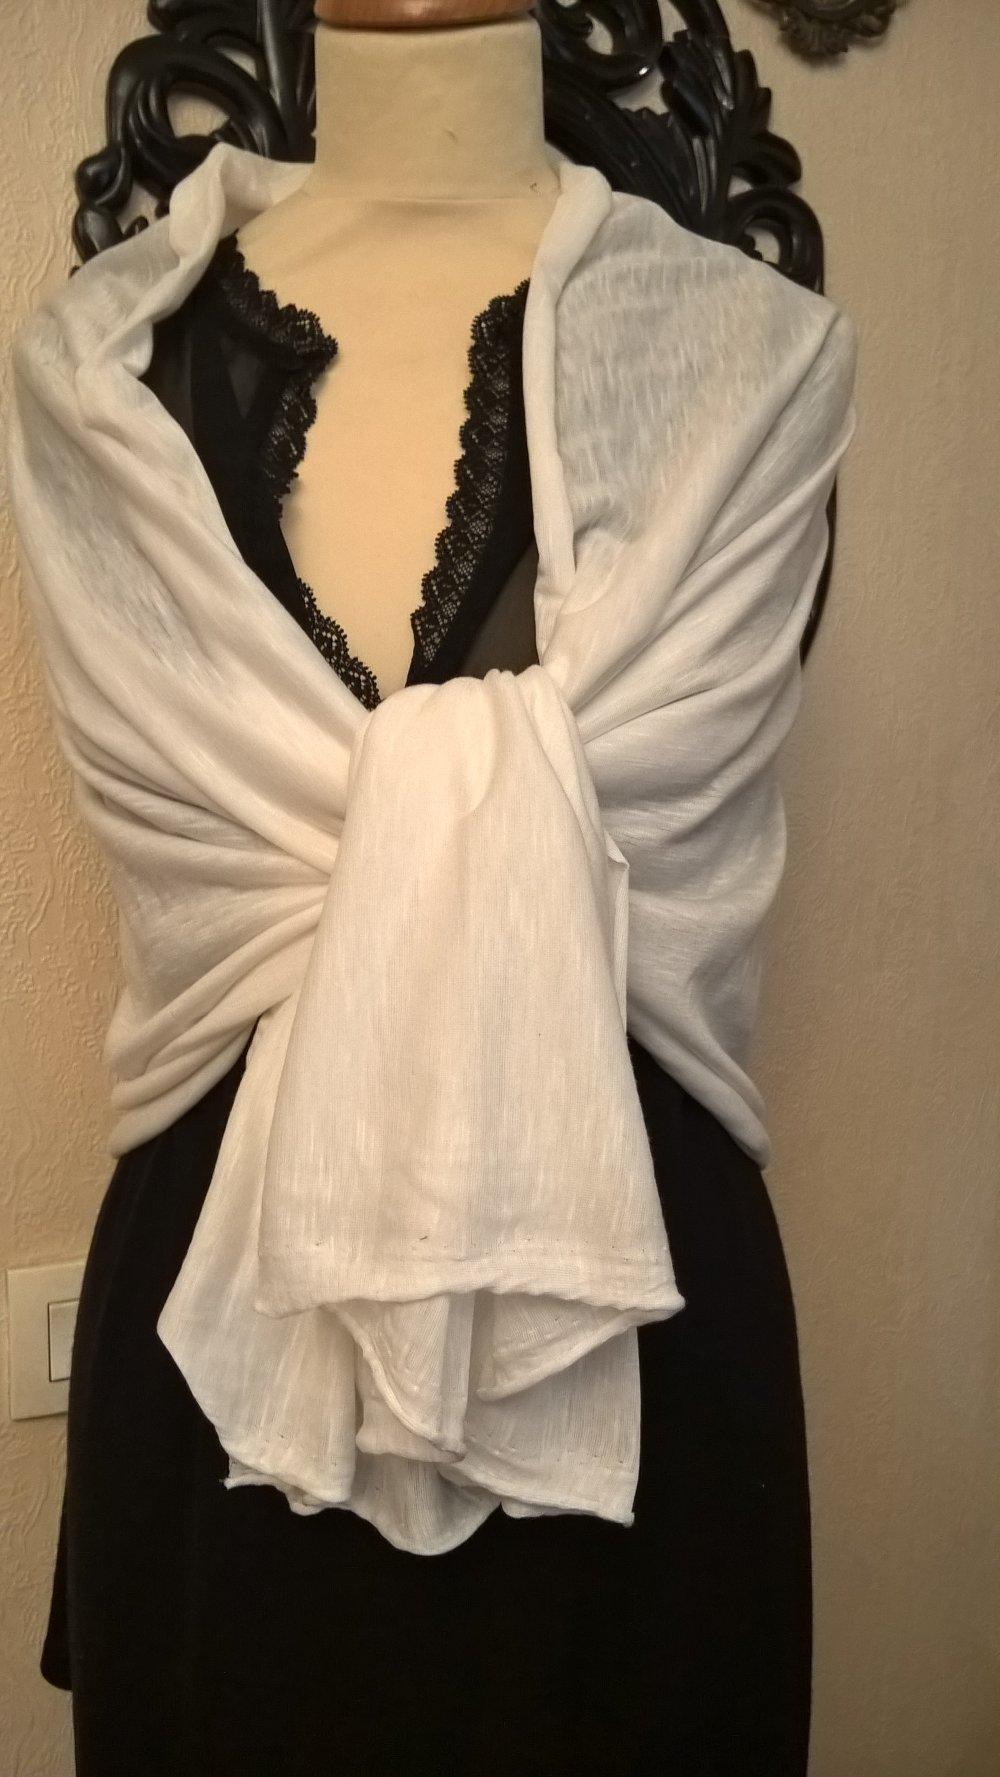 Étole de mariage,en viscose,coton,couleur blanche,étole femme,étole fille,écharpe femme,écharpe fille